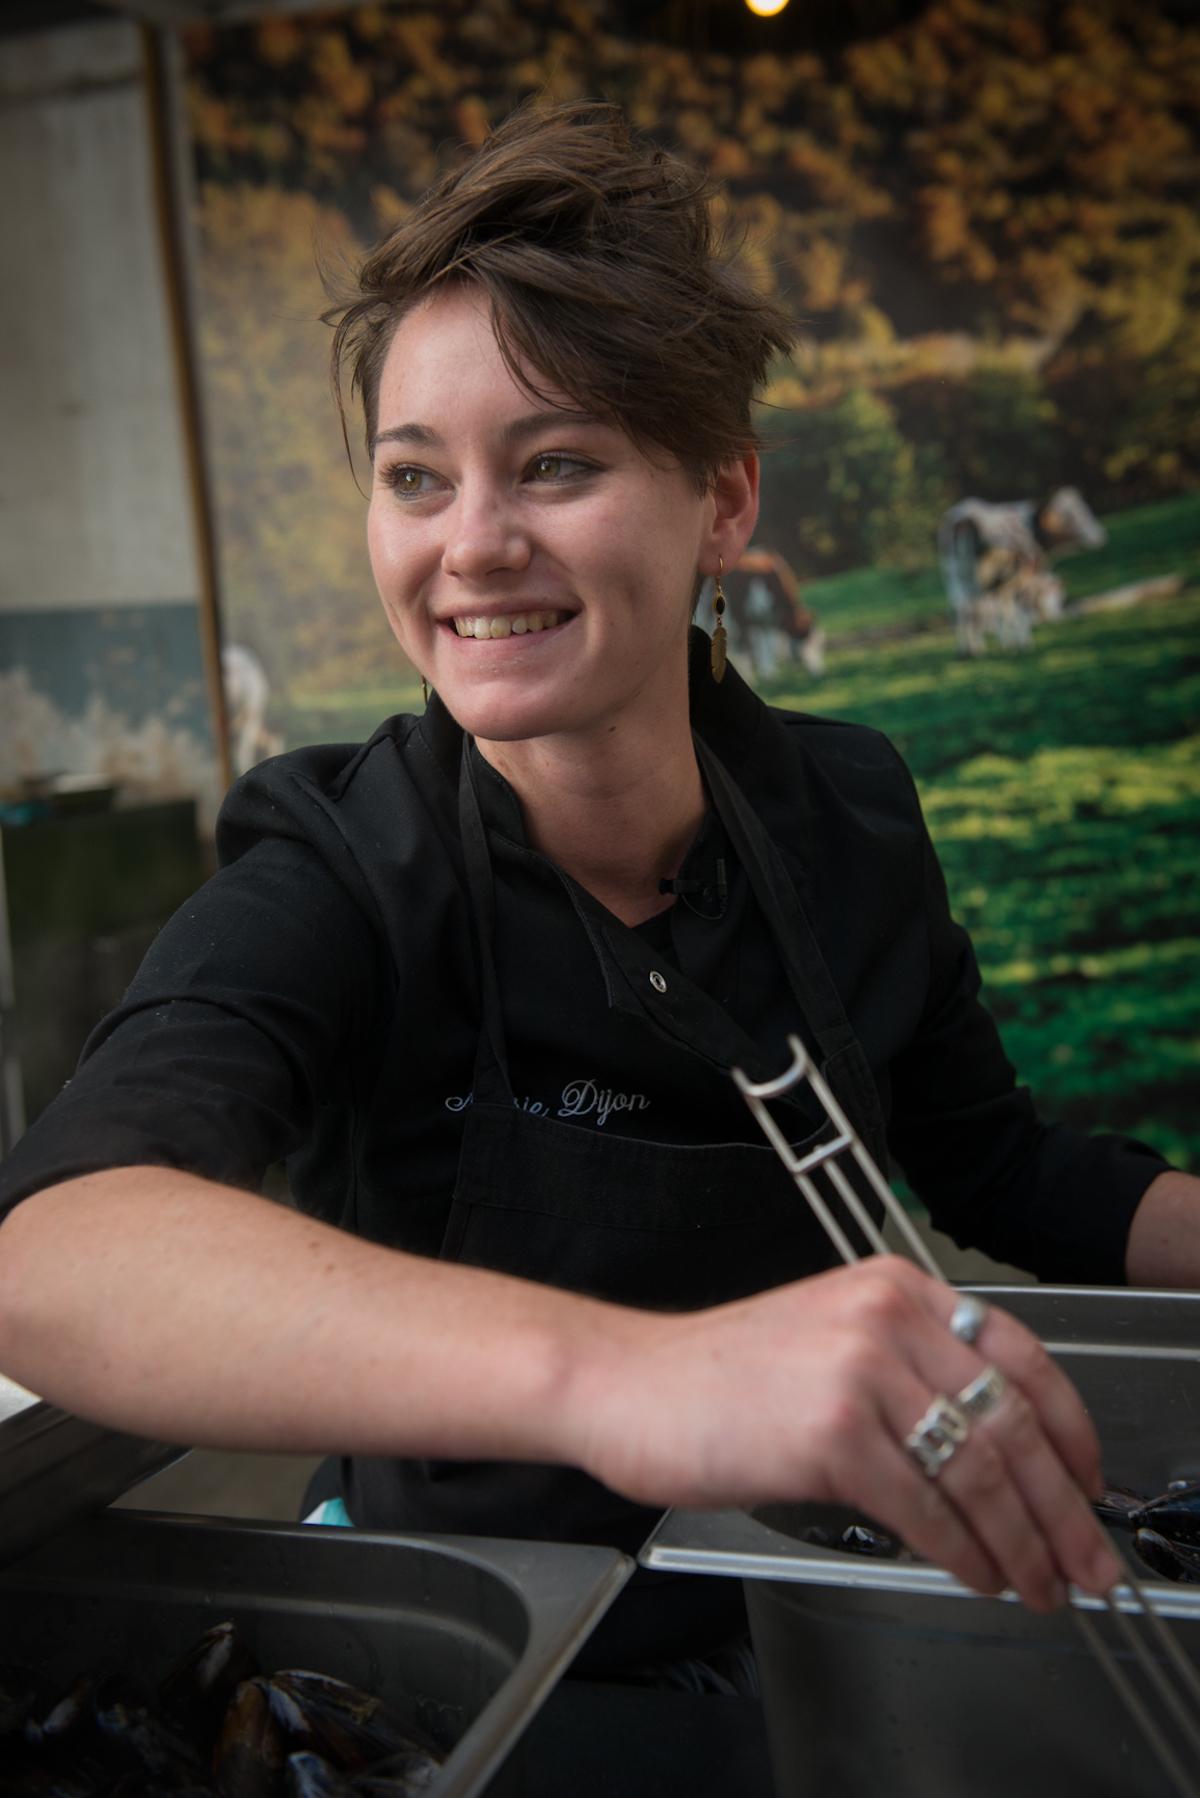 Marie Dijon aime cuisiner et cela se voit (c) Olivier Marie / goutsdouest.fr